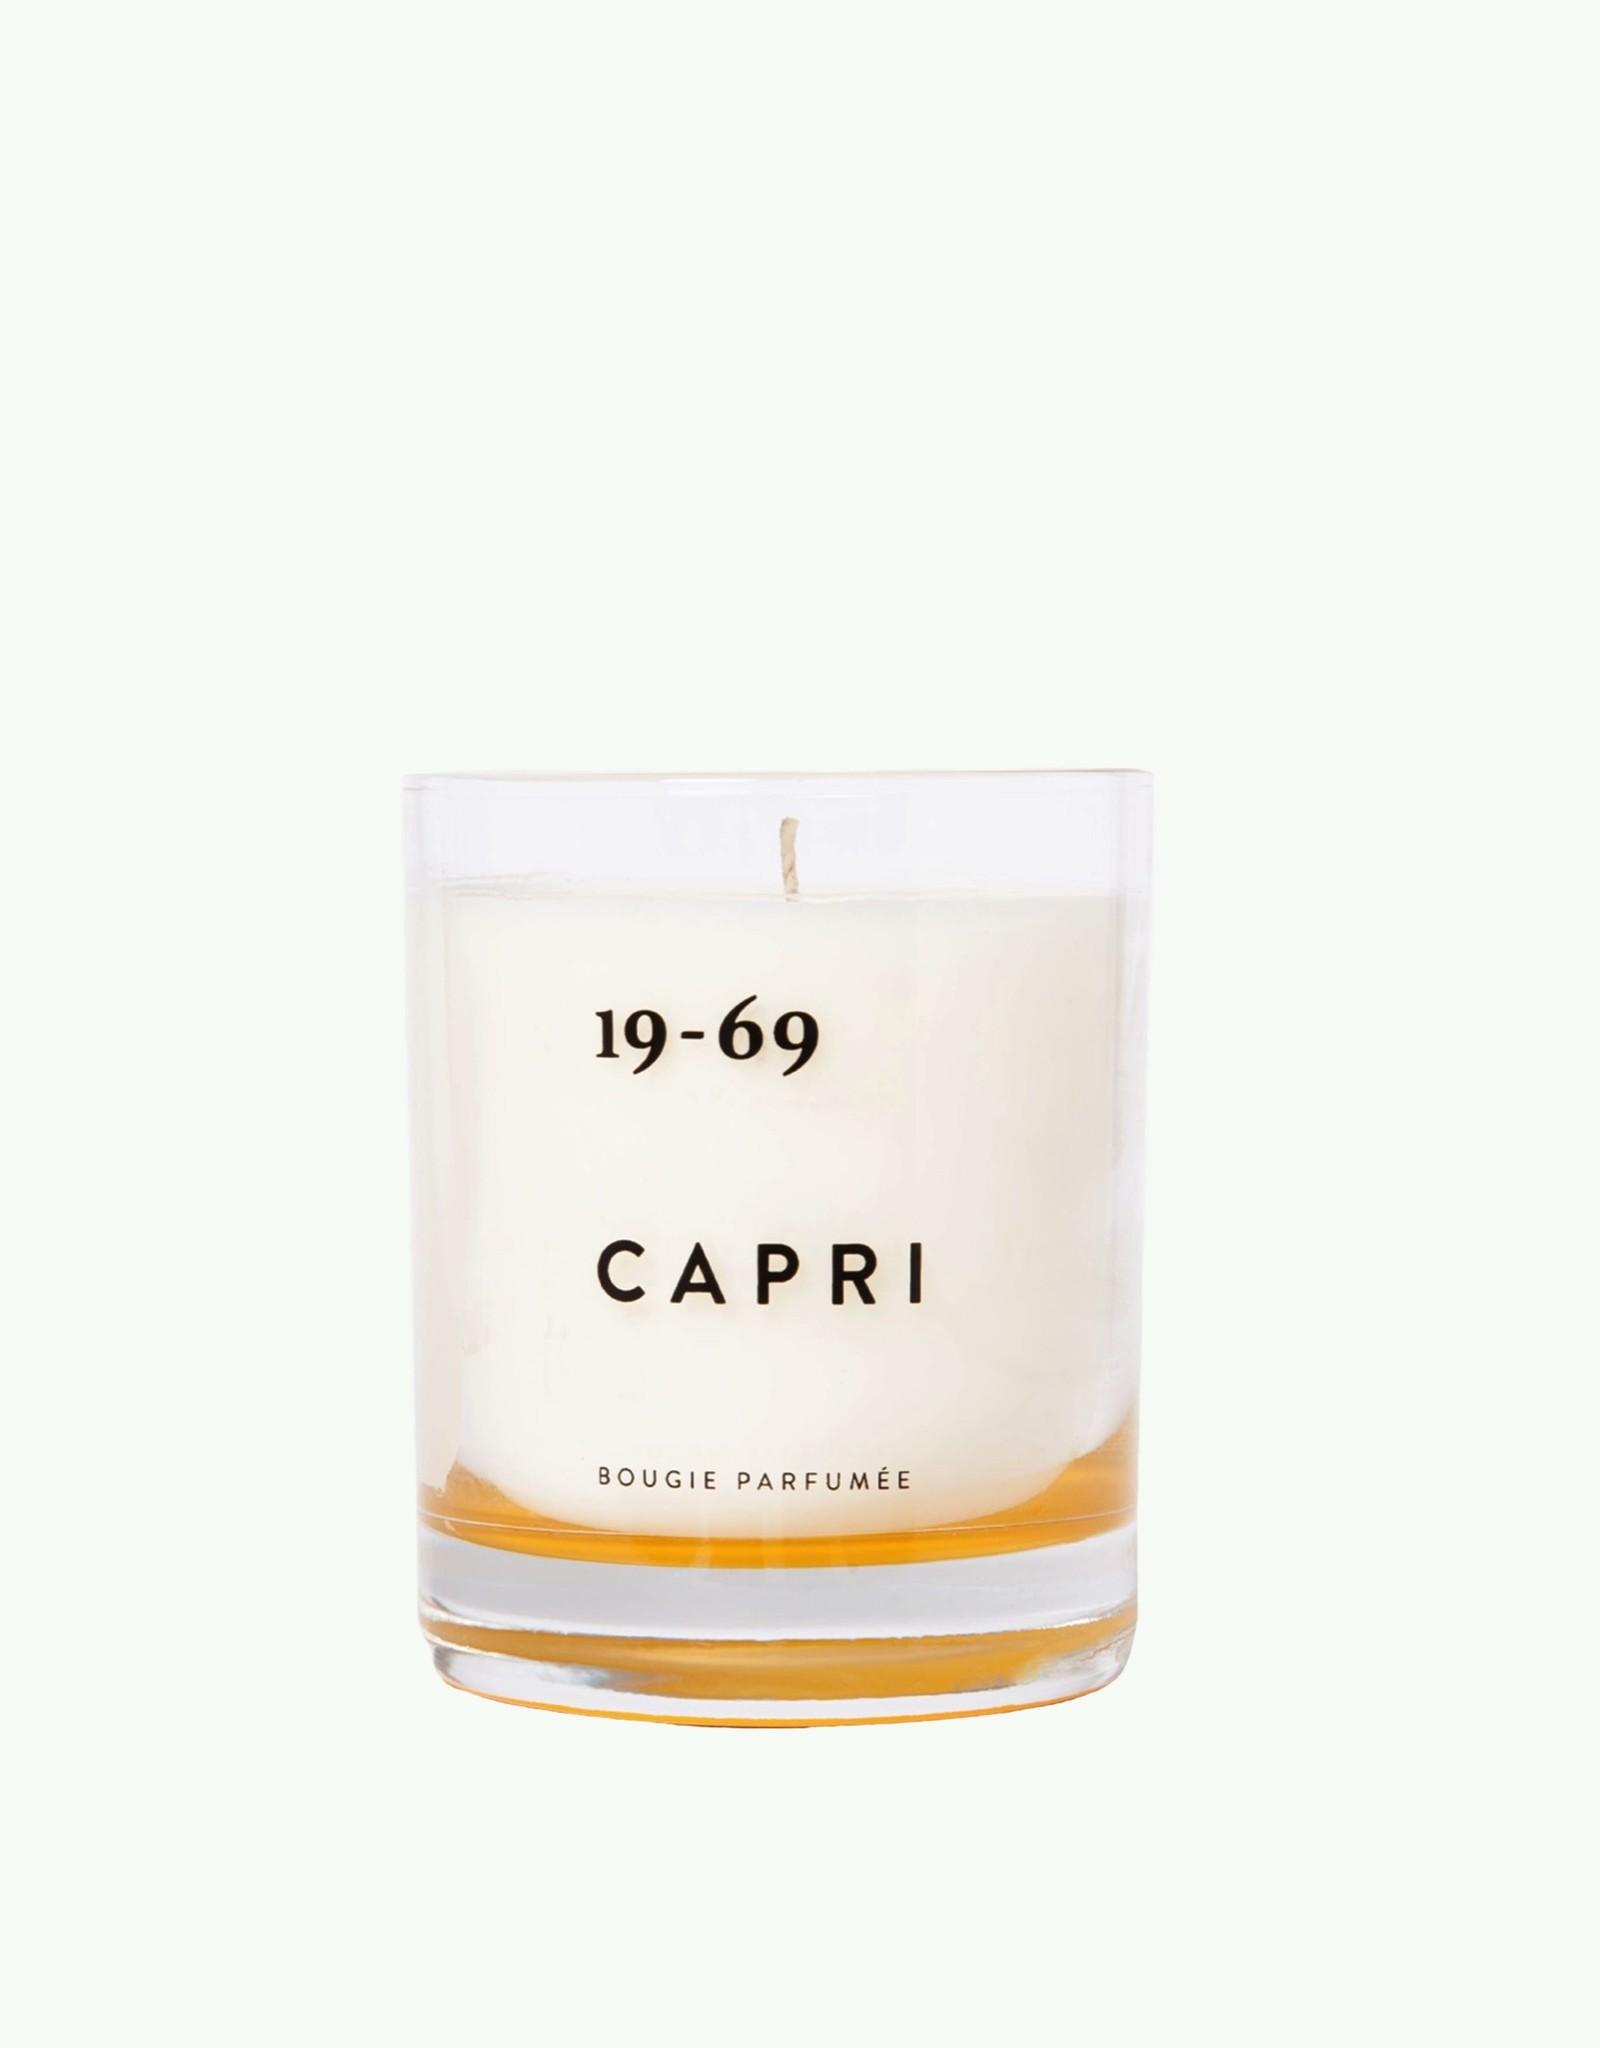 Nineteen Sixty Nine Nineteen sixty nine - Capri - Geurkaars 200 ml